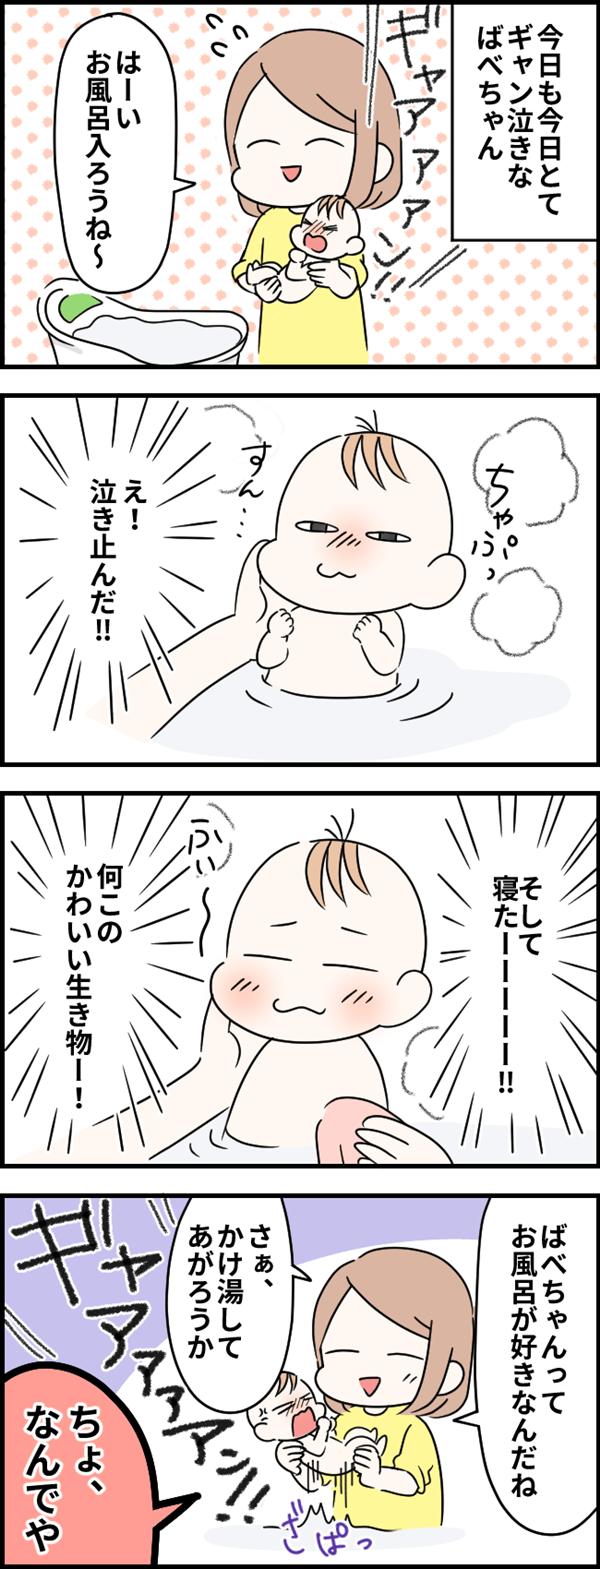 ぽちまる②修正